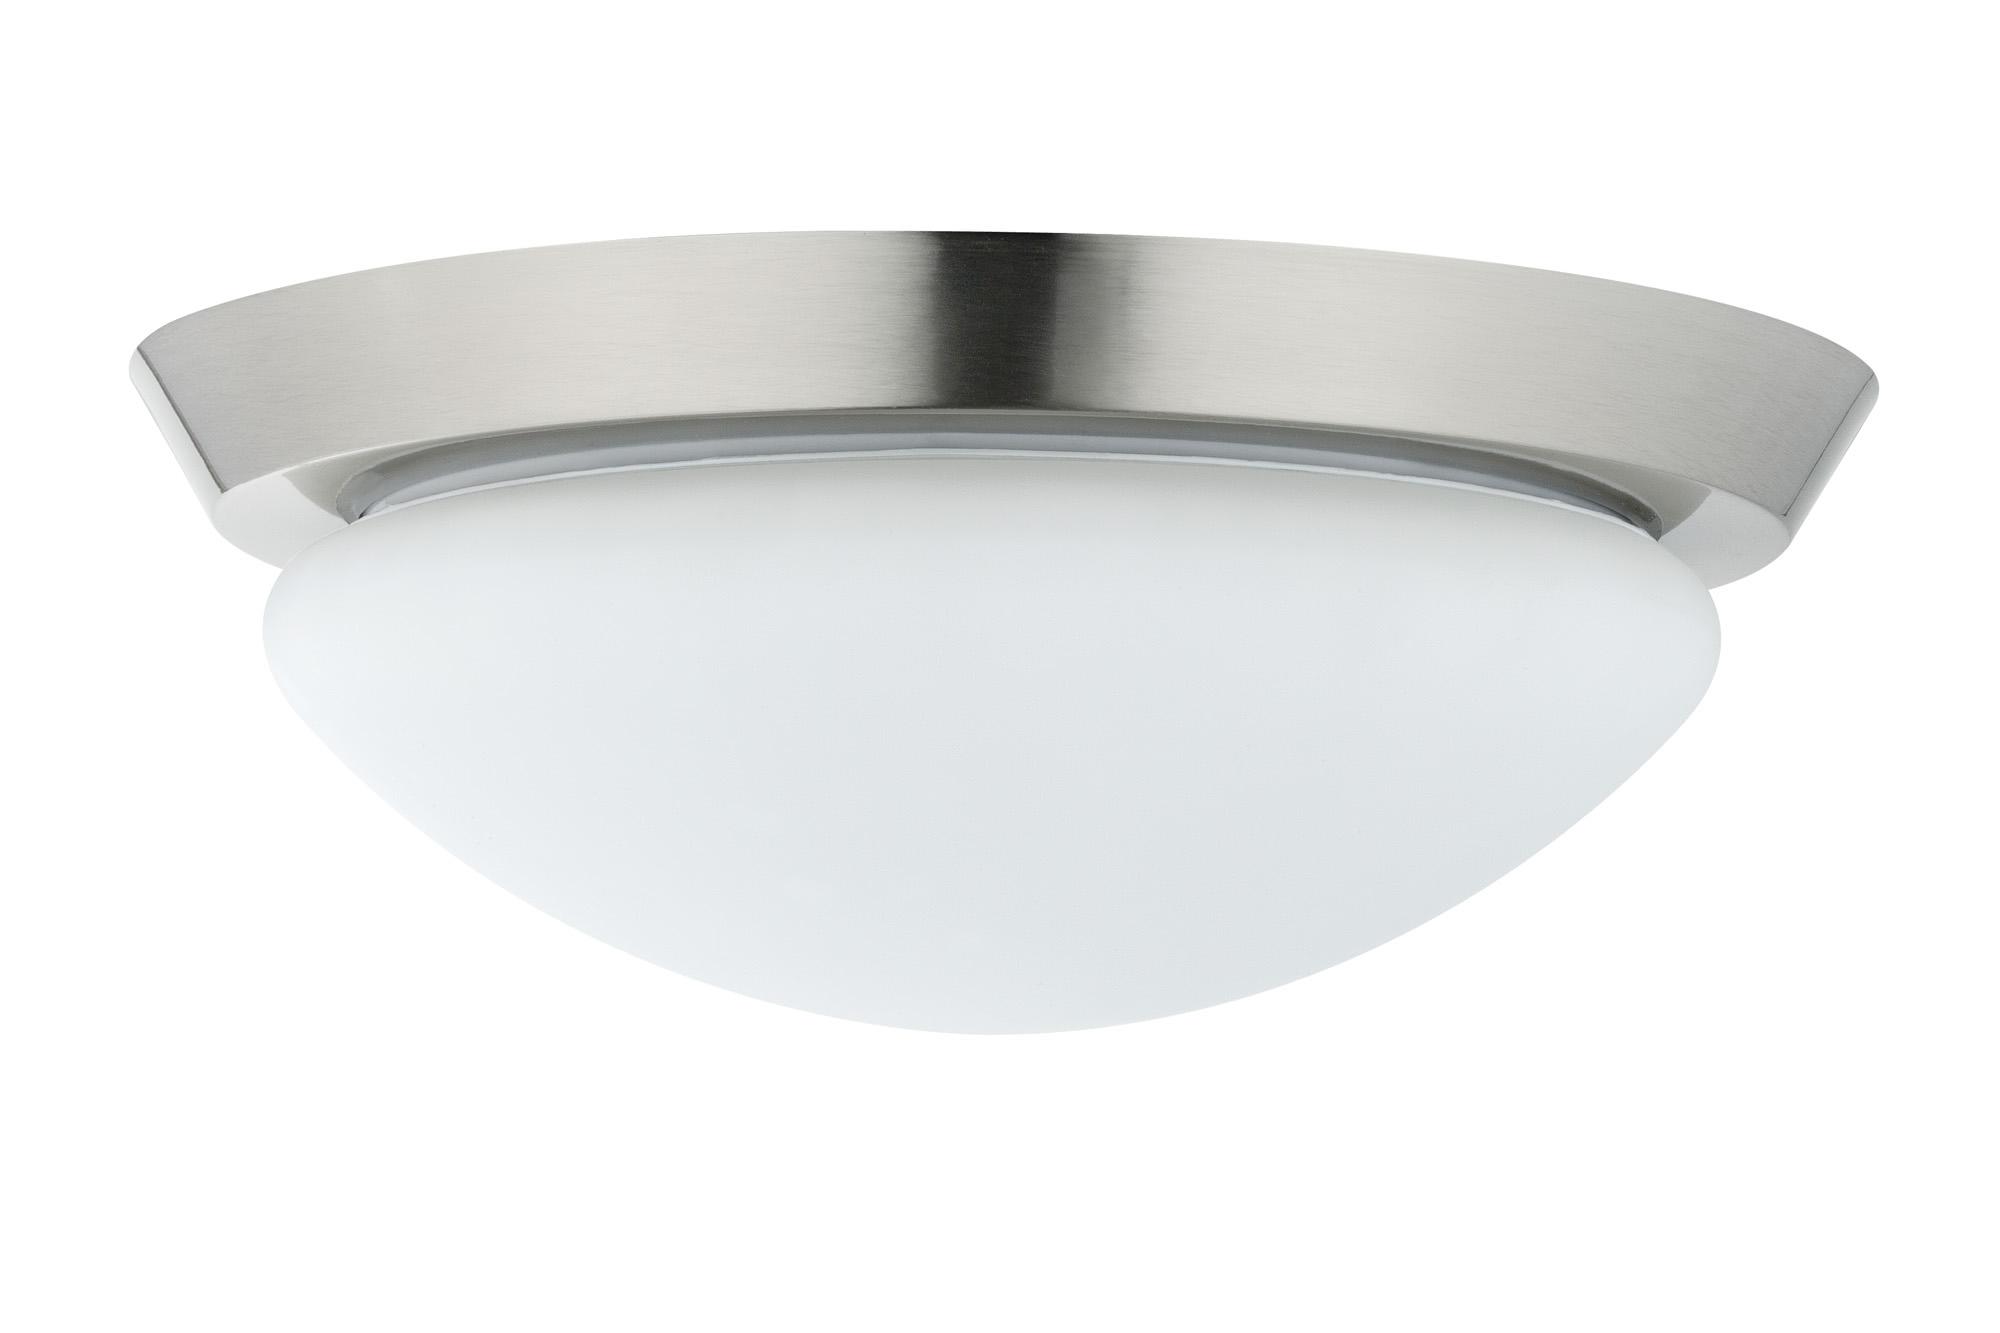 Paulmann. 70300 Светильник настенно-потолочный 1x60W W-D Ixa 230V E27 Железо шероховатое/Опал